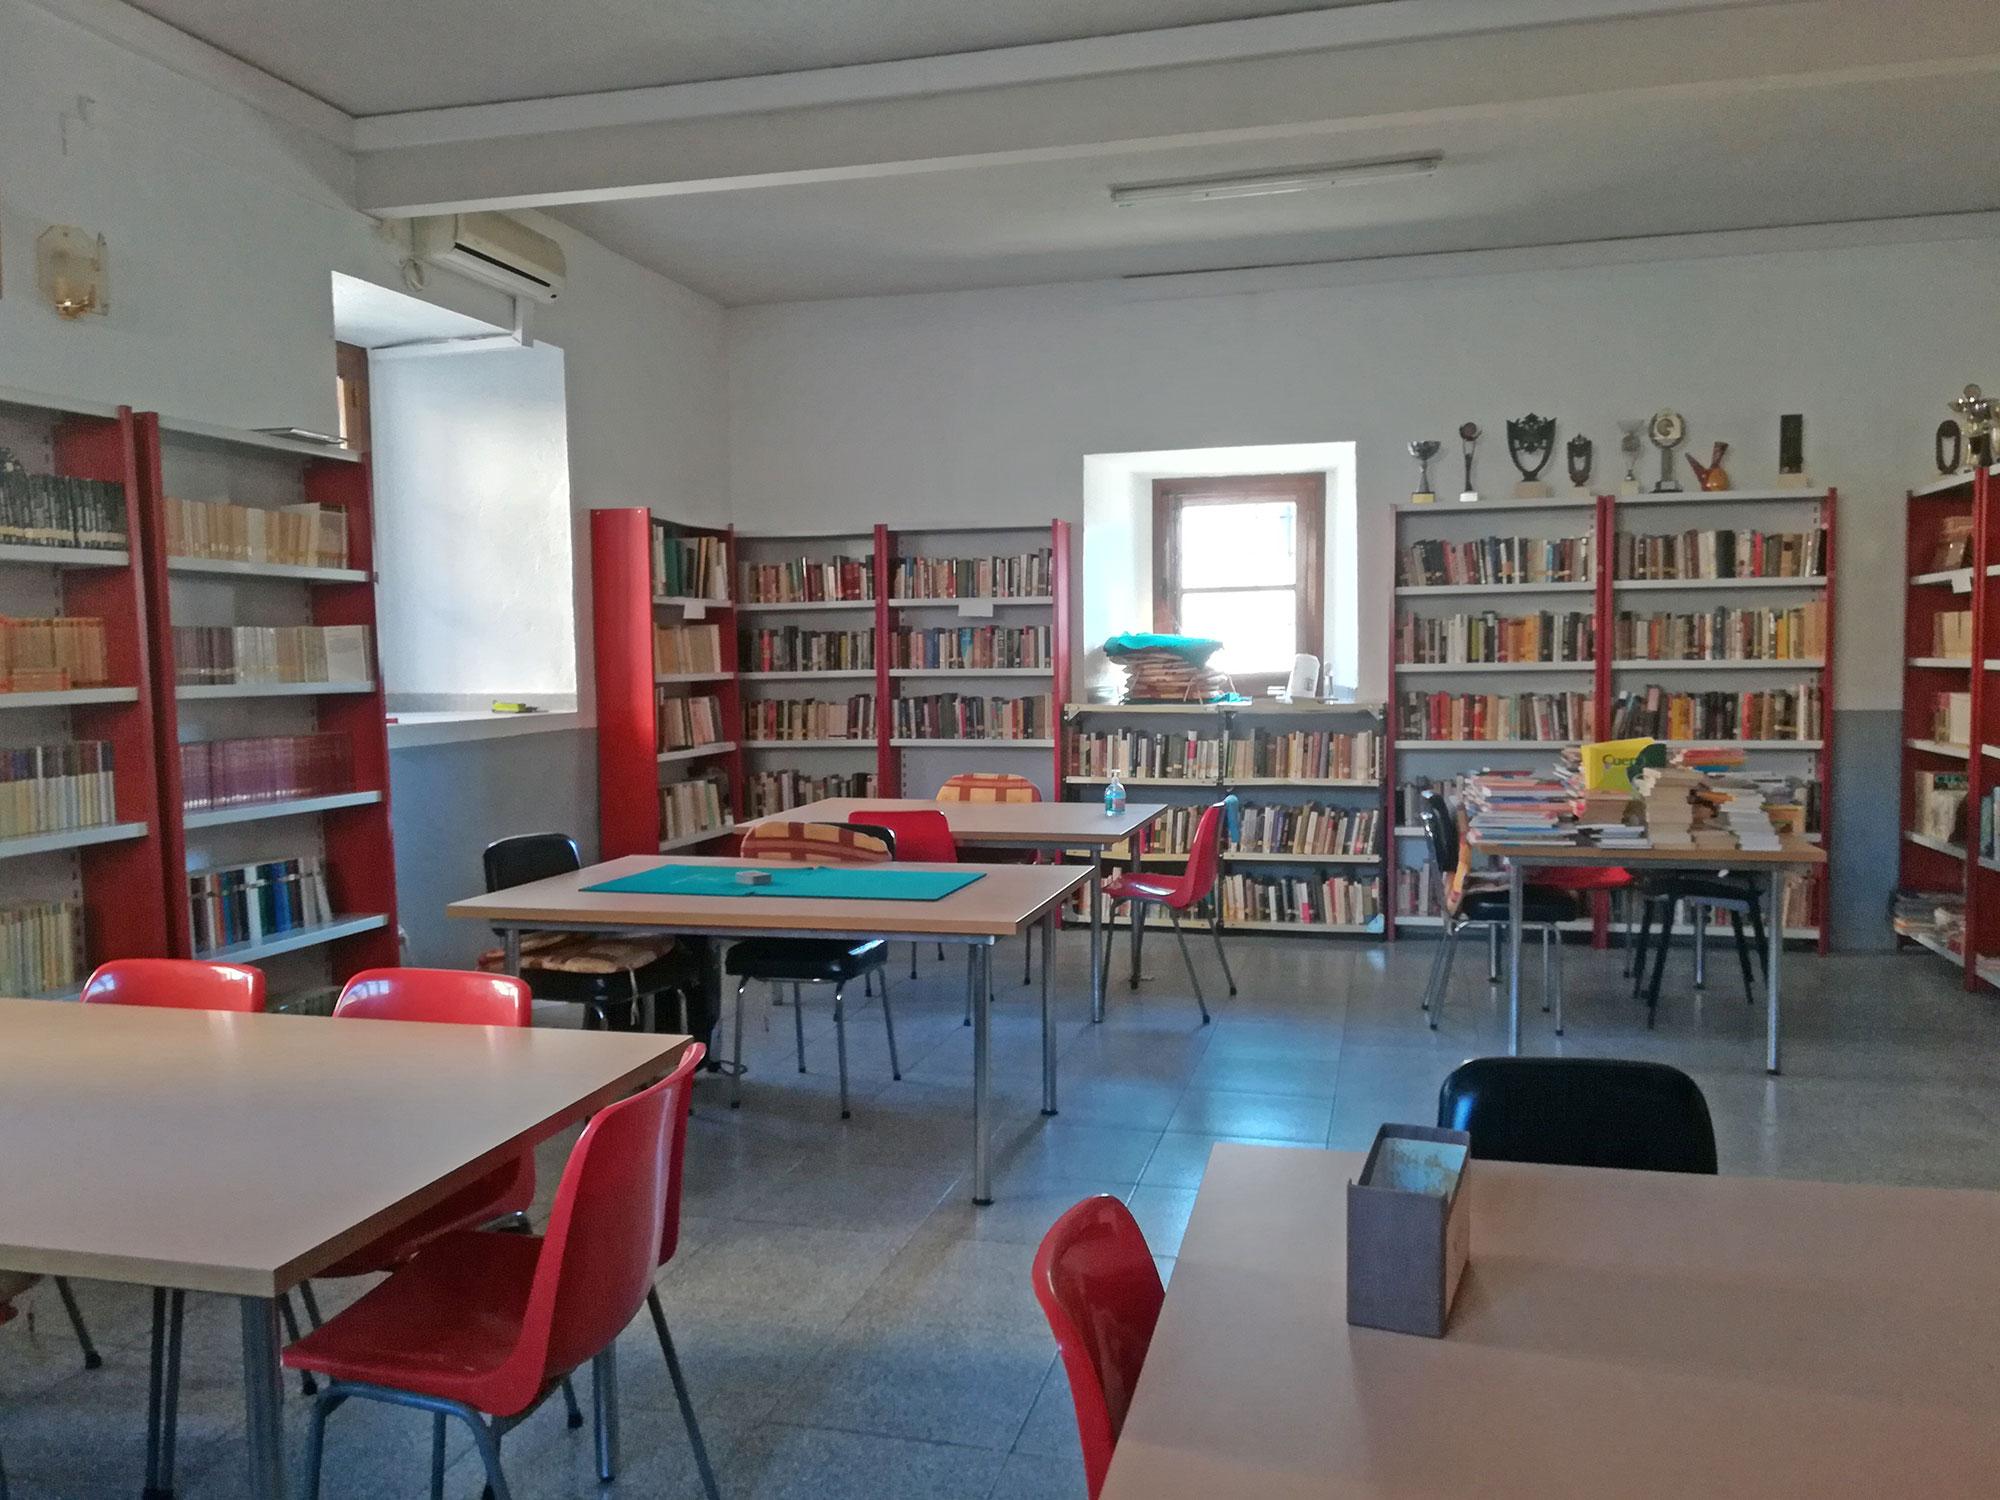 Área de Bienestar Social - Salón de Juegos - Ayuntamiento de Paredes de Escalona